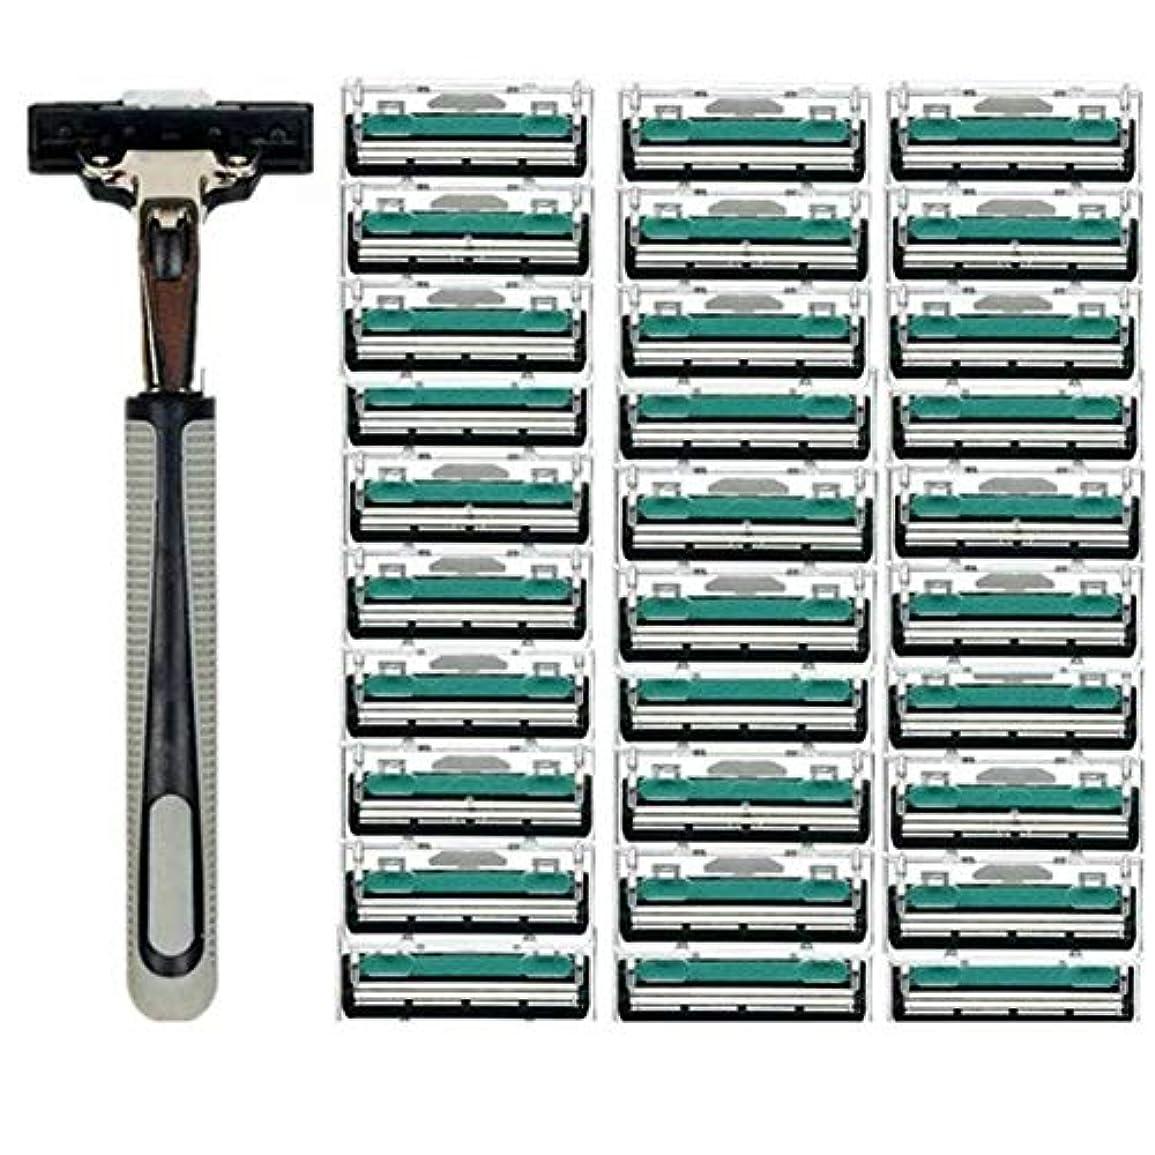 良さしたい審判TerGOOSE 髭剃り 二重層 本体+替刃30コ付 安全 携帯便利